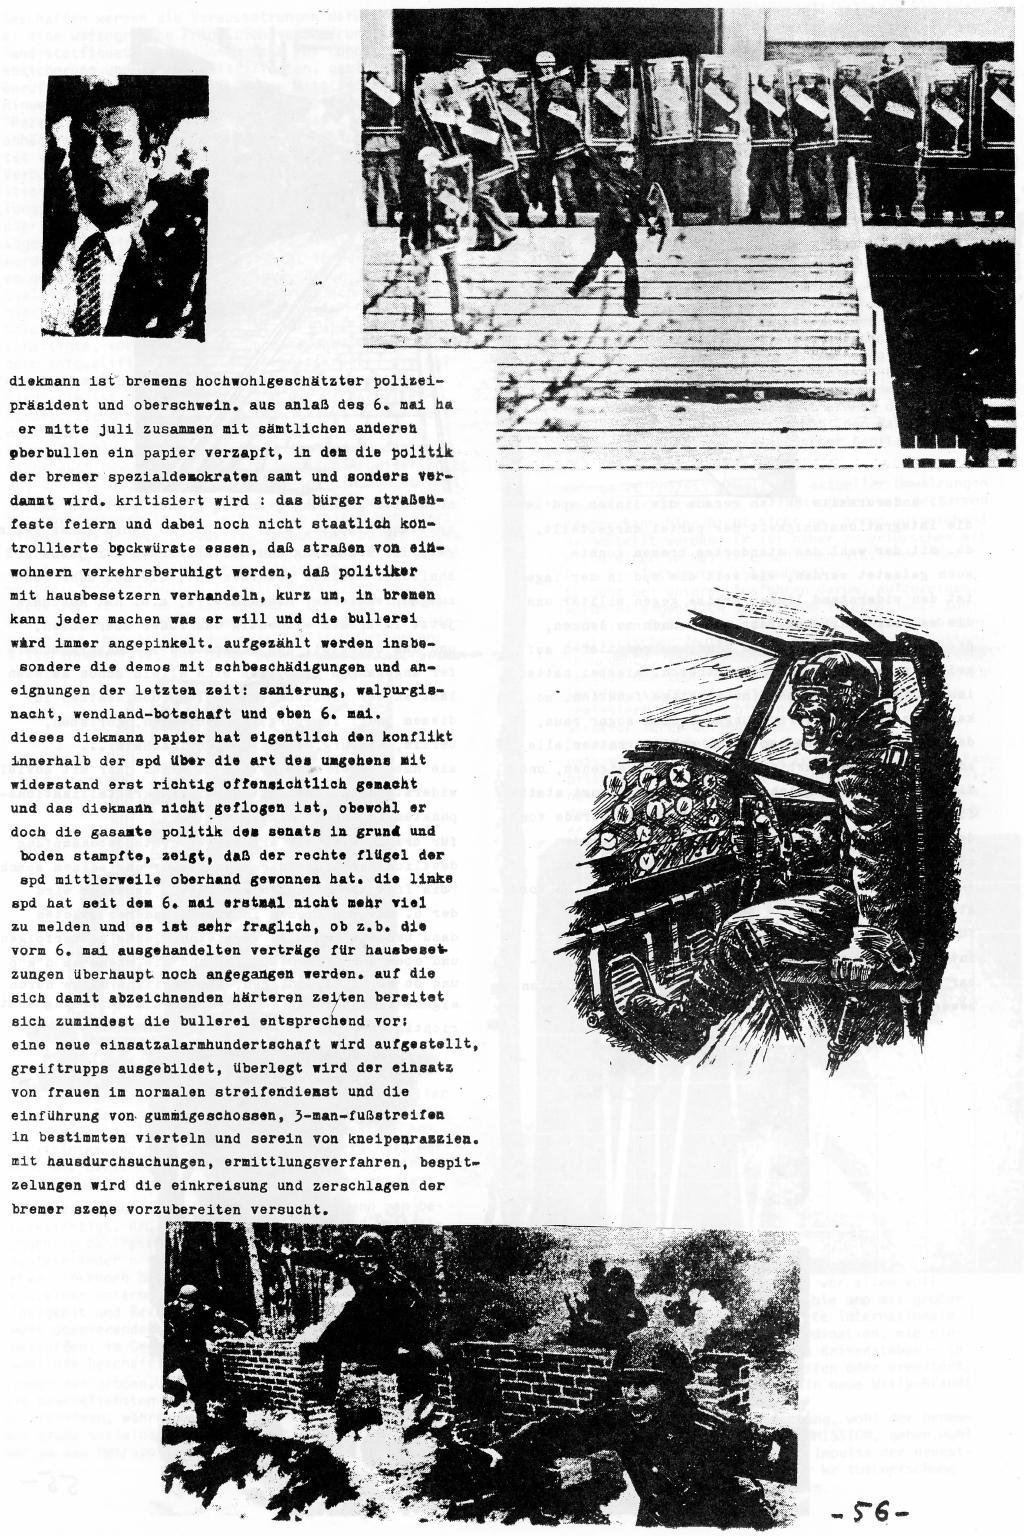 Bremen_1980_NATO_Broschuere_56